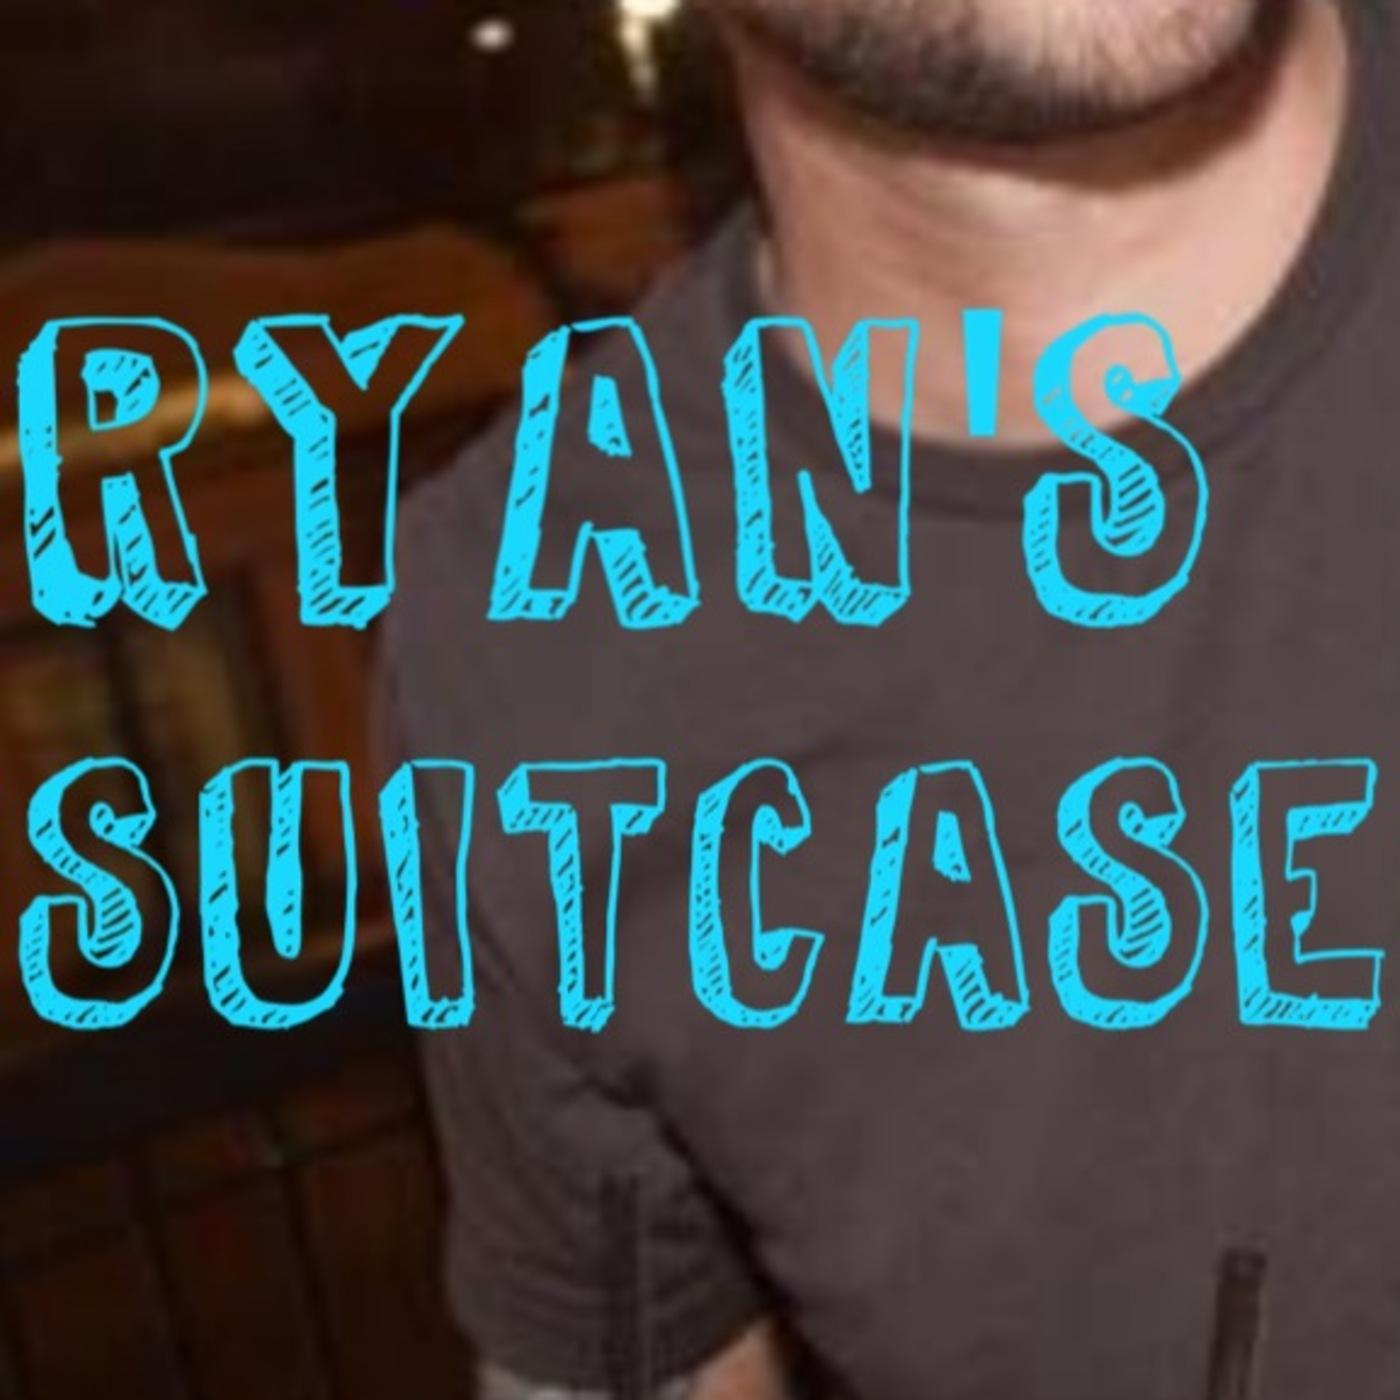 Ryan's Suitcase